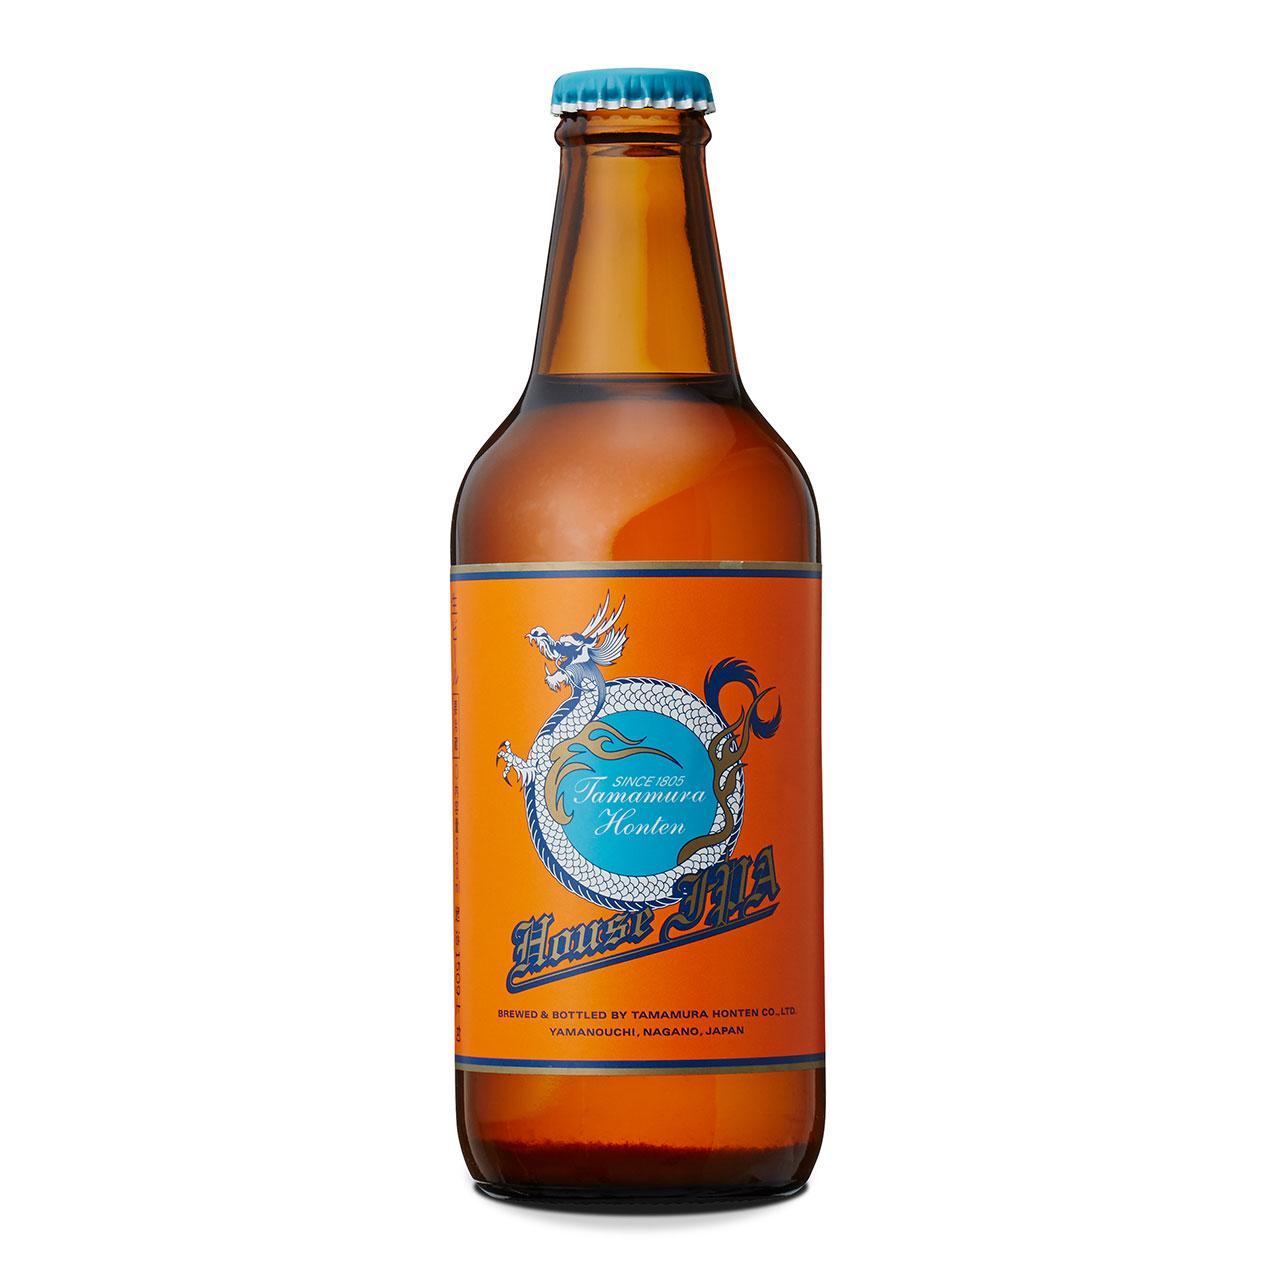 【ラッキーシール対応】母の日 ギフト 志賀高原ビール HouseIPA 330ml 24本 長野県 玉村本店 クラフトビール ケース販売